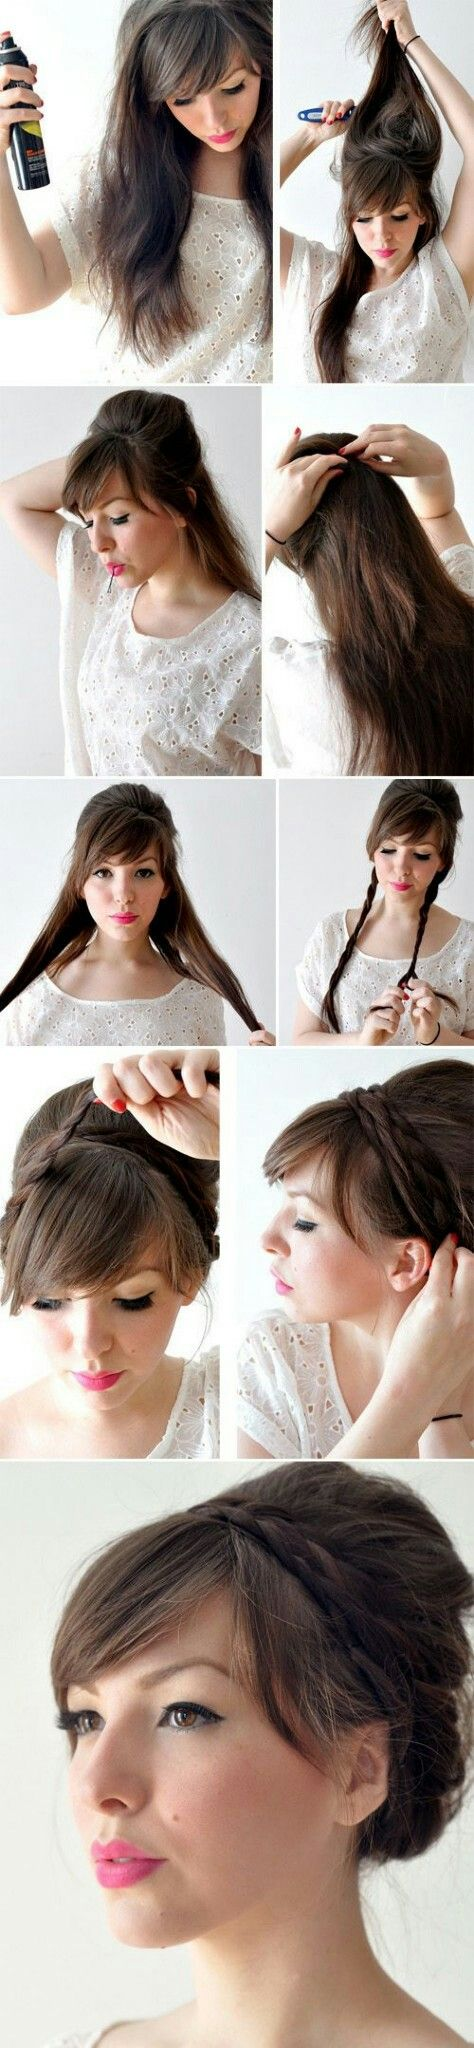 Recogido con trenzas cabello pinterest hair style super easy